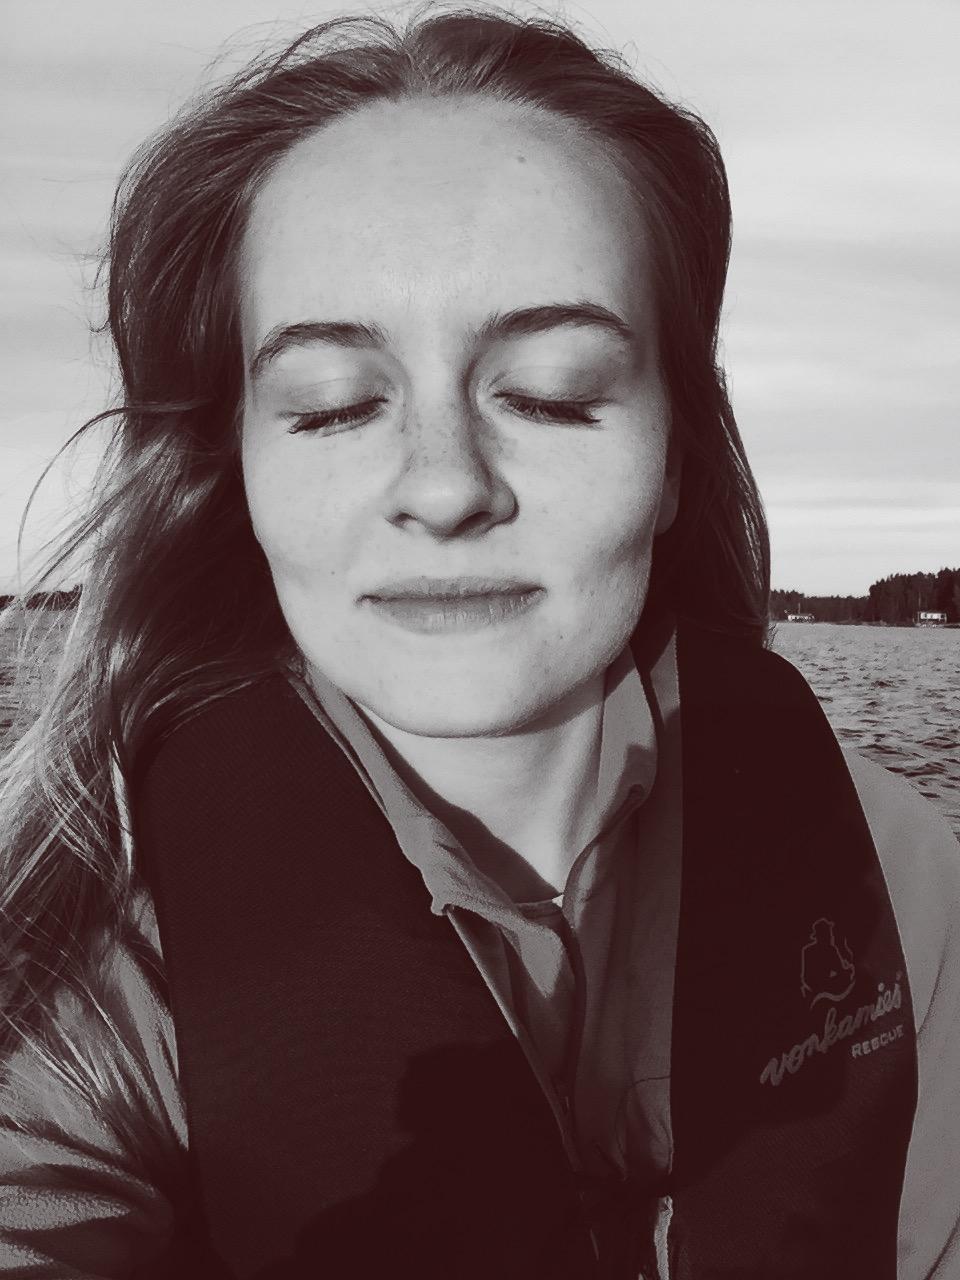 Ett halvfånigt försök att fånga ett förstulet ögonblick på bild. Till havs med min kära.